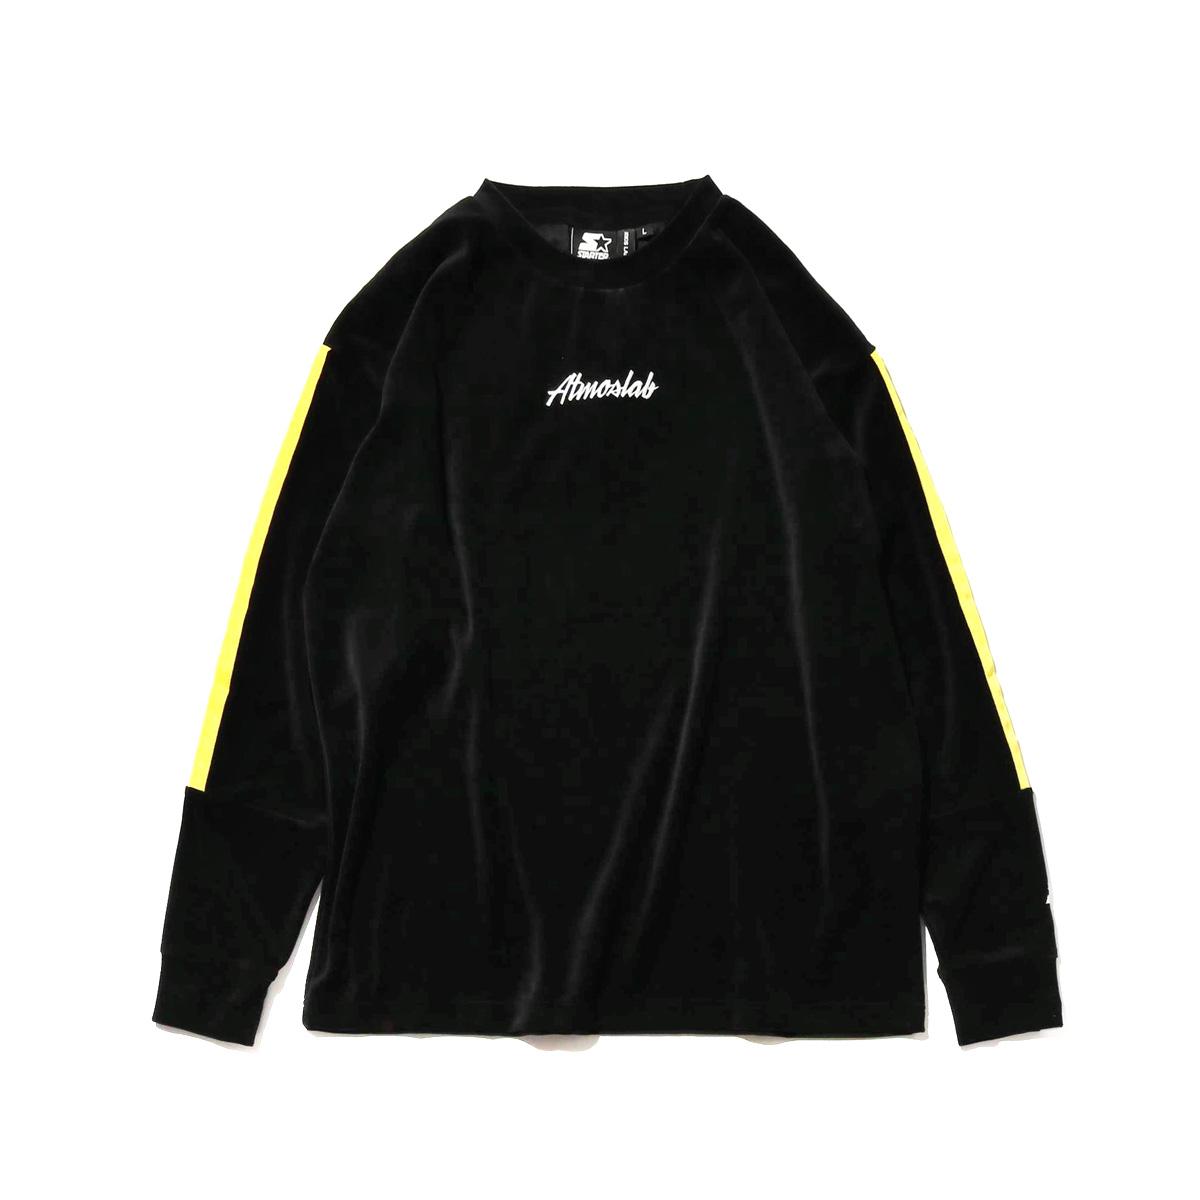 STARTER BLACK LABEL x ATMOS LAB WARM UP VELOUR LONG SLEEVE(スターター ブラックレーベル アトモスラボ ウォームアップ ベロア ロングスリーブ)yellow【メンズ 長袖Tシャツ】18FW-S